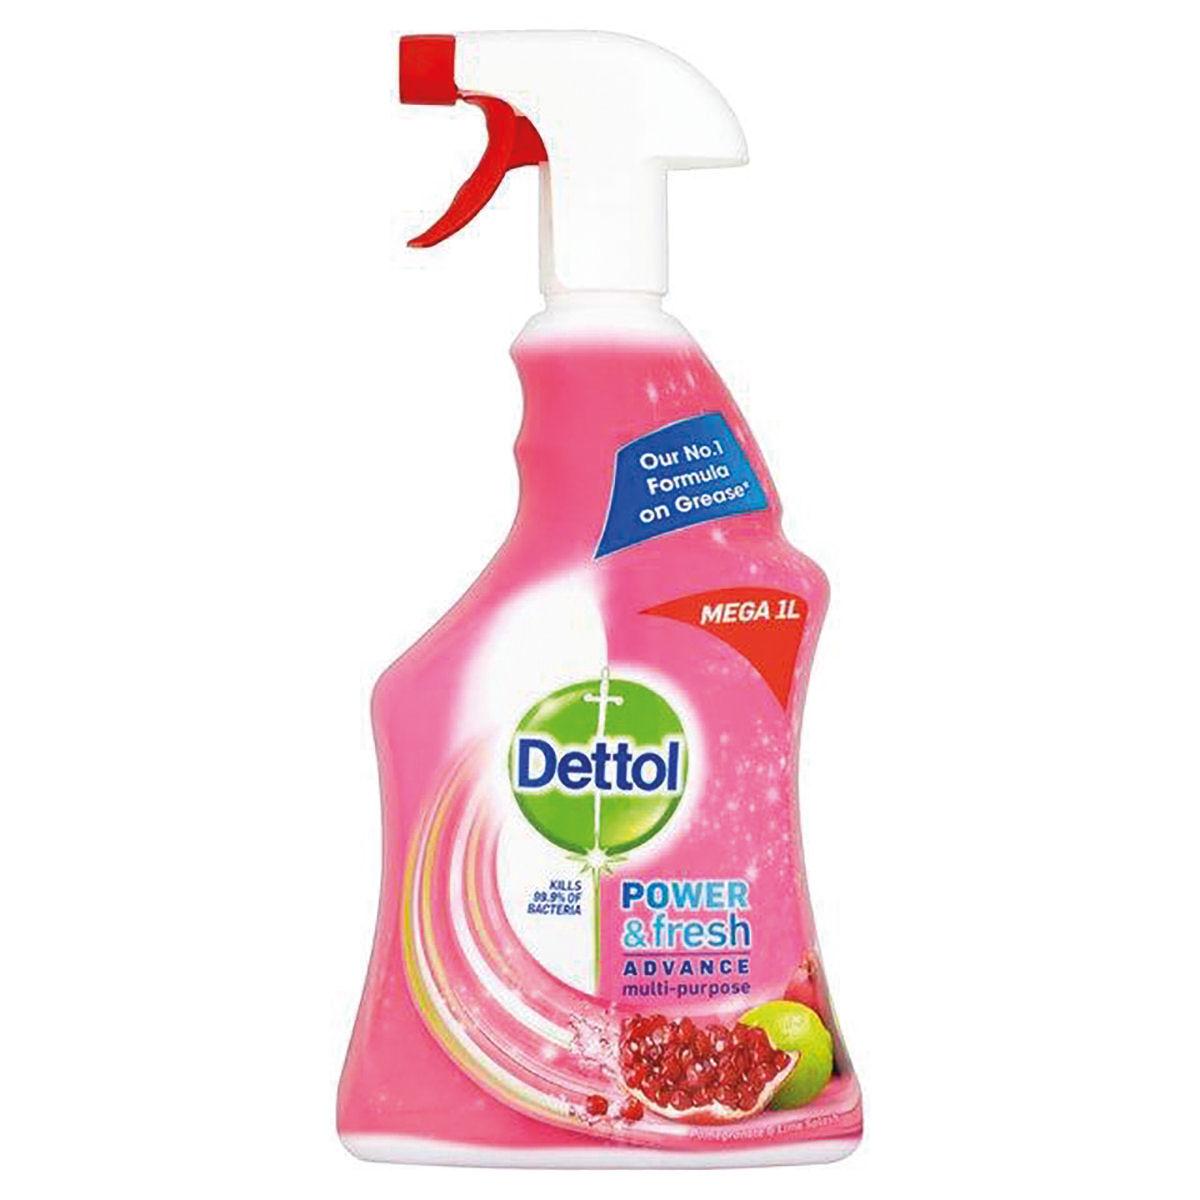 Dettol Power & Fresh Trigger Pomegranate 1 Litre